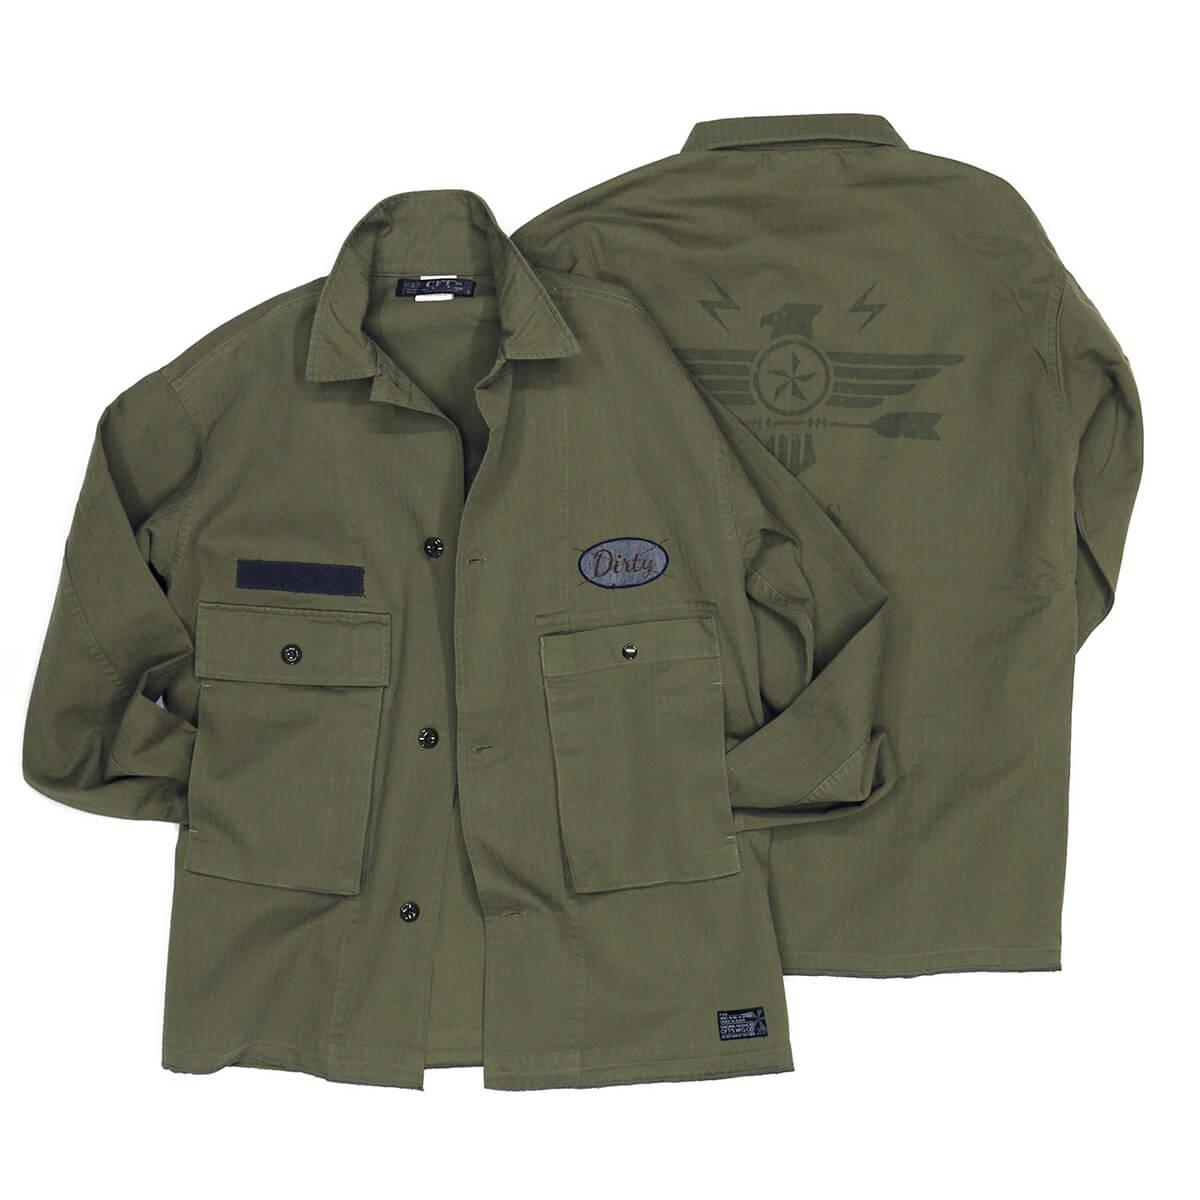 CFT'S シーエフティーズ アウター ジャケット ジャンパー 上着 メンズ 男性 ミリタリージャケット CUSTOM M-43 HBT JACKET CFT-F1019W OLIVE オリーブ 緑